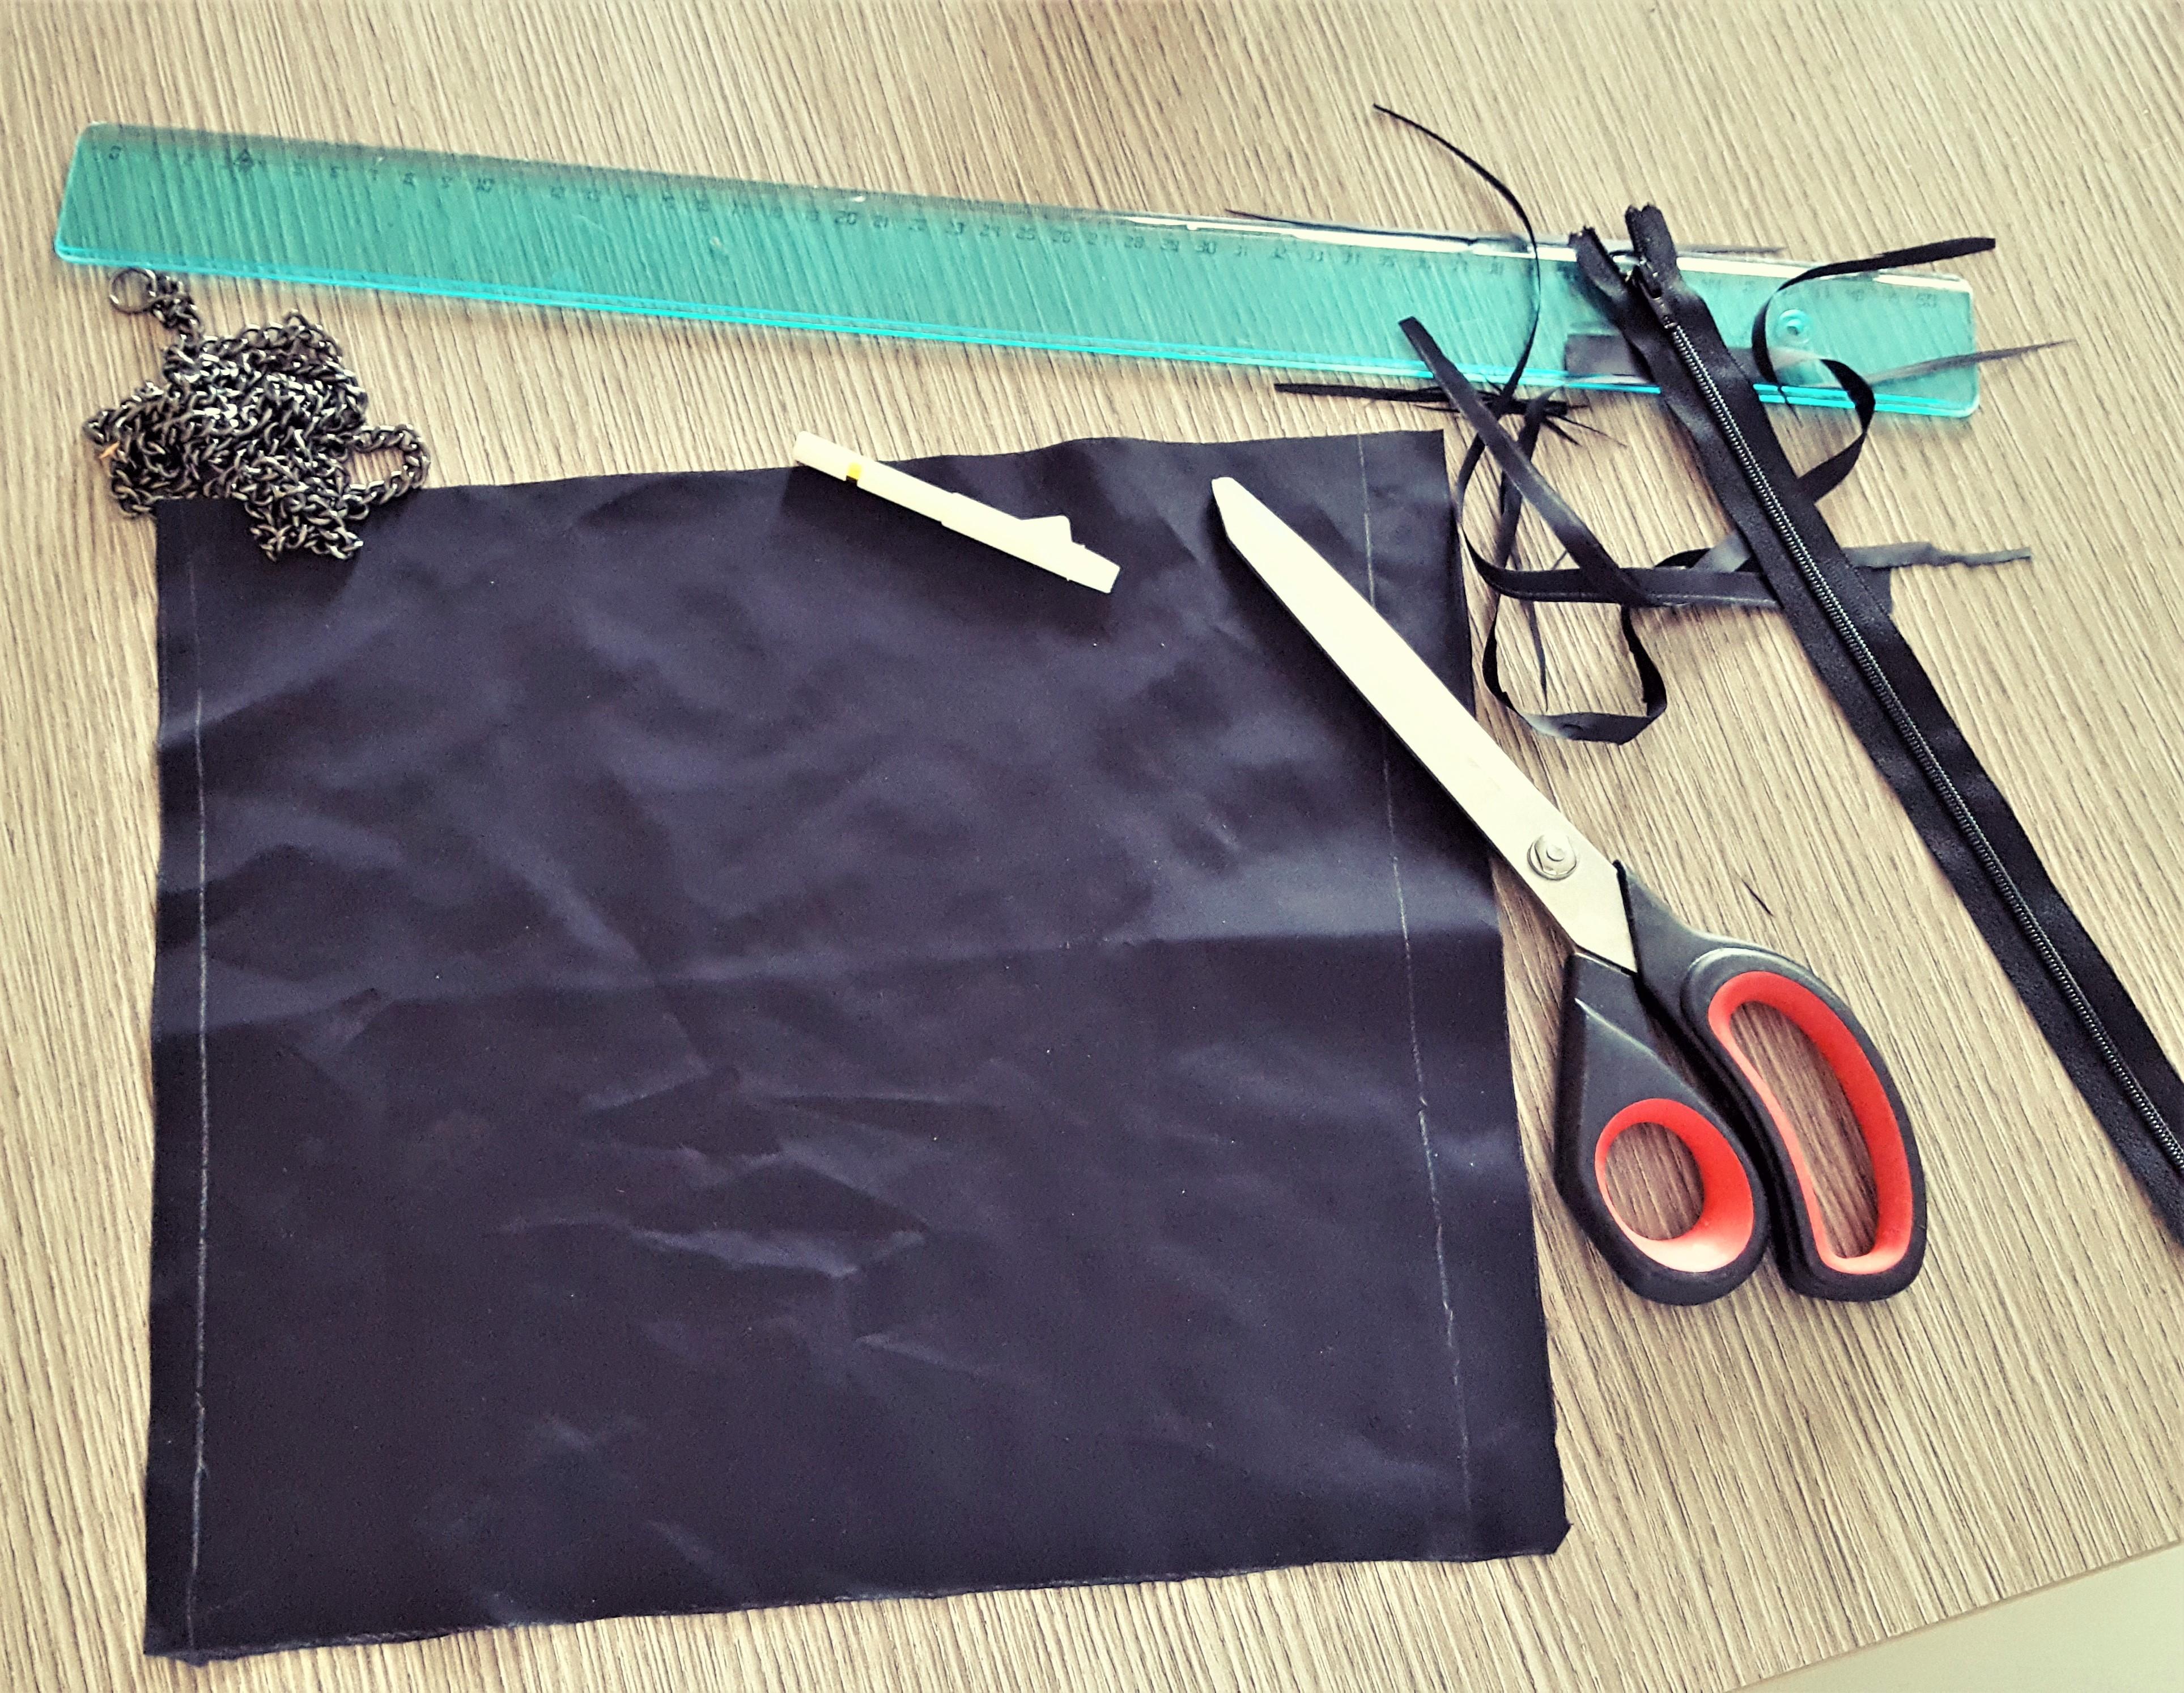 17758aa331 Come trasformare una borsa vecchia in una pochette - Laboratorio di ...